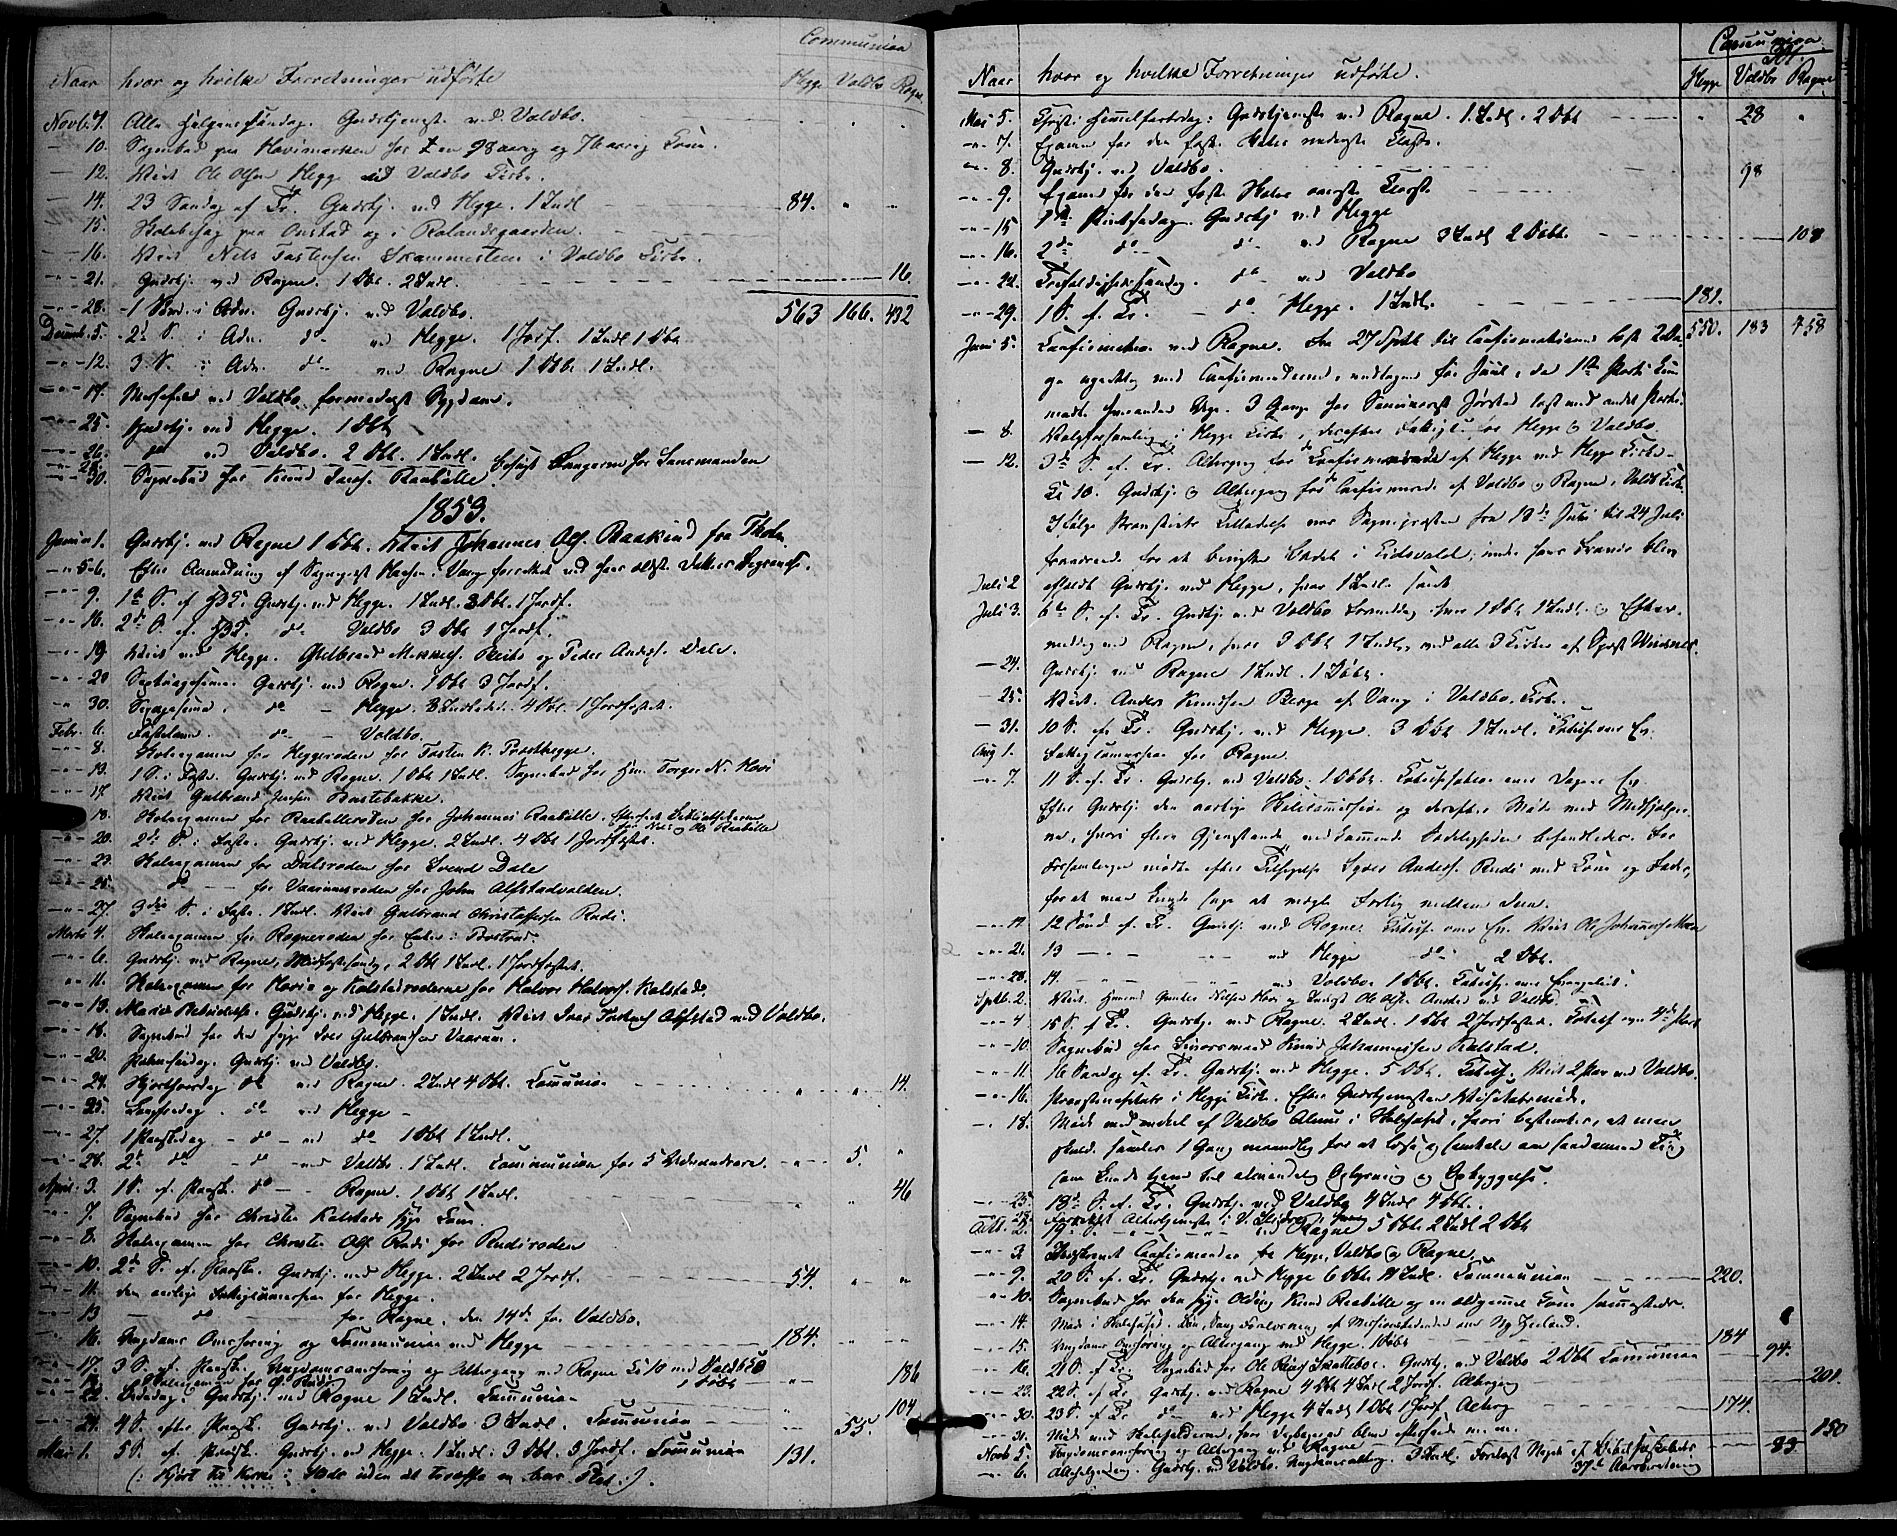 SAH, Øystre Slidre prestekontor, Ministerialbok nr. 1, 1849-1874, s. 301